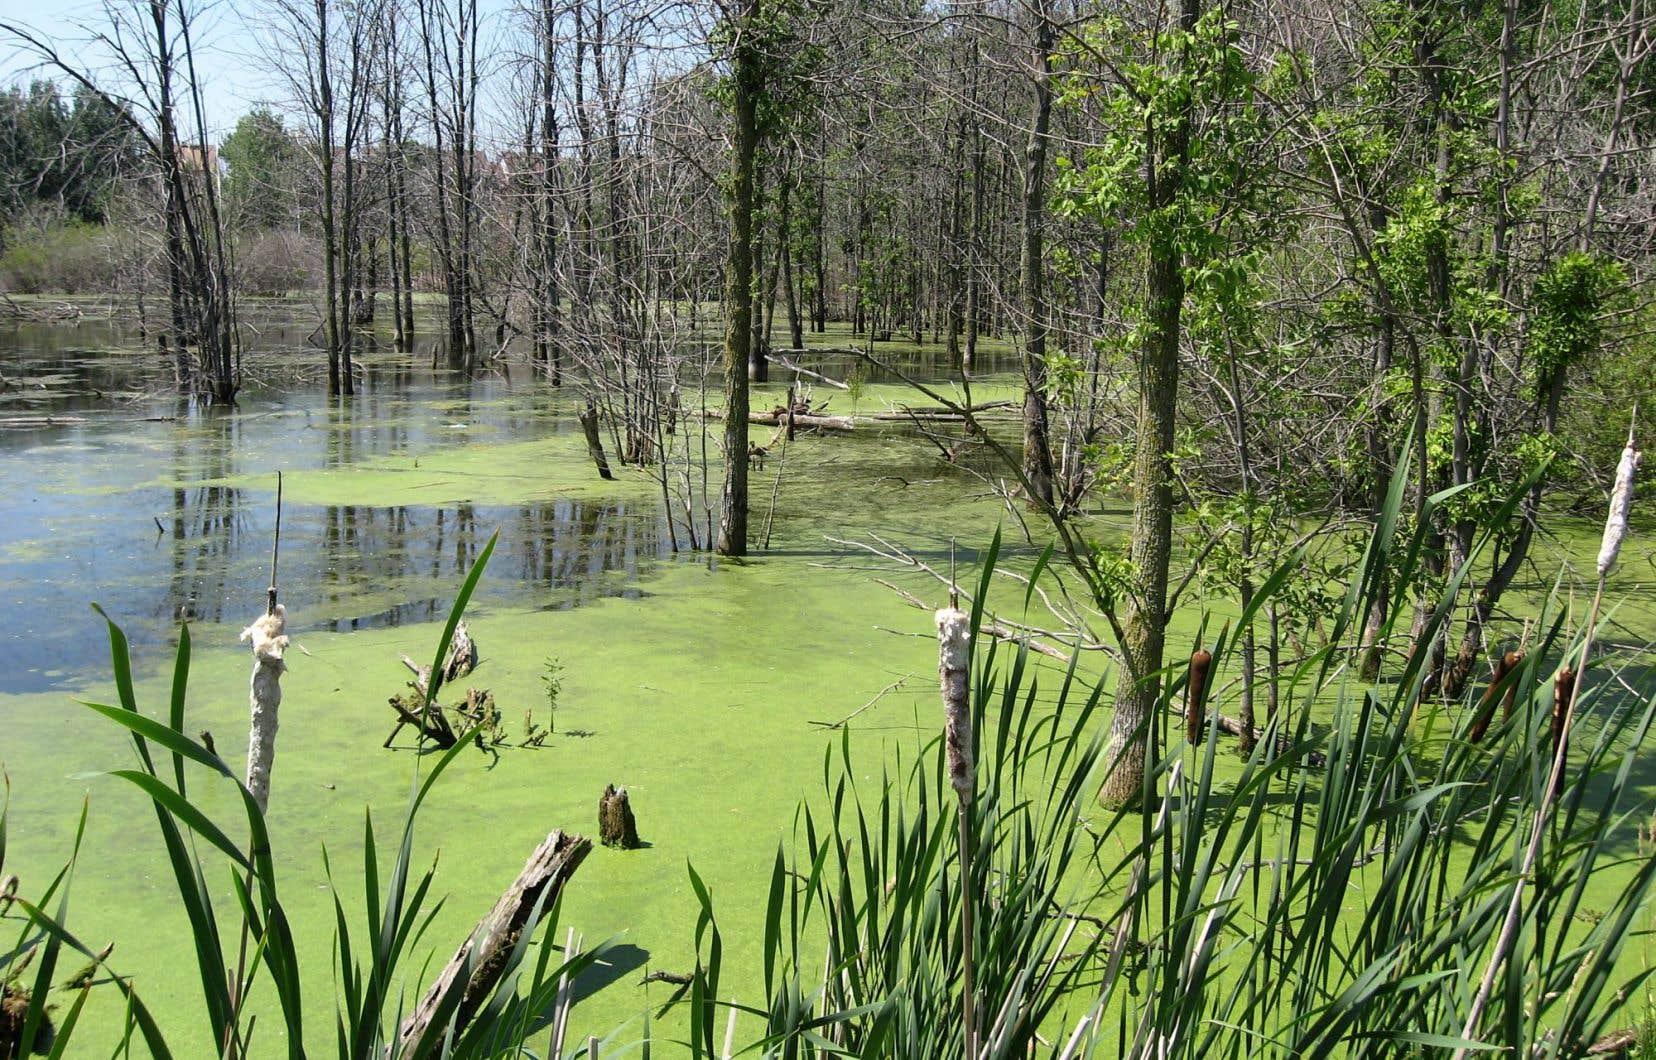 Au fil des ans et des développements, de nombreux milieux humides ont été perturbés quand ils n'ont pas carrément disparu.